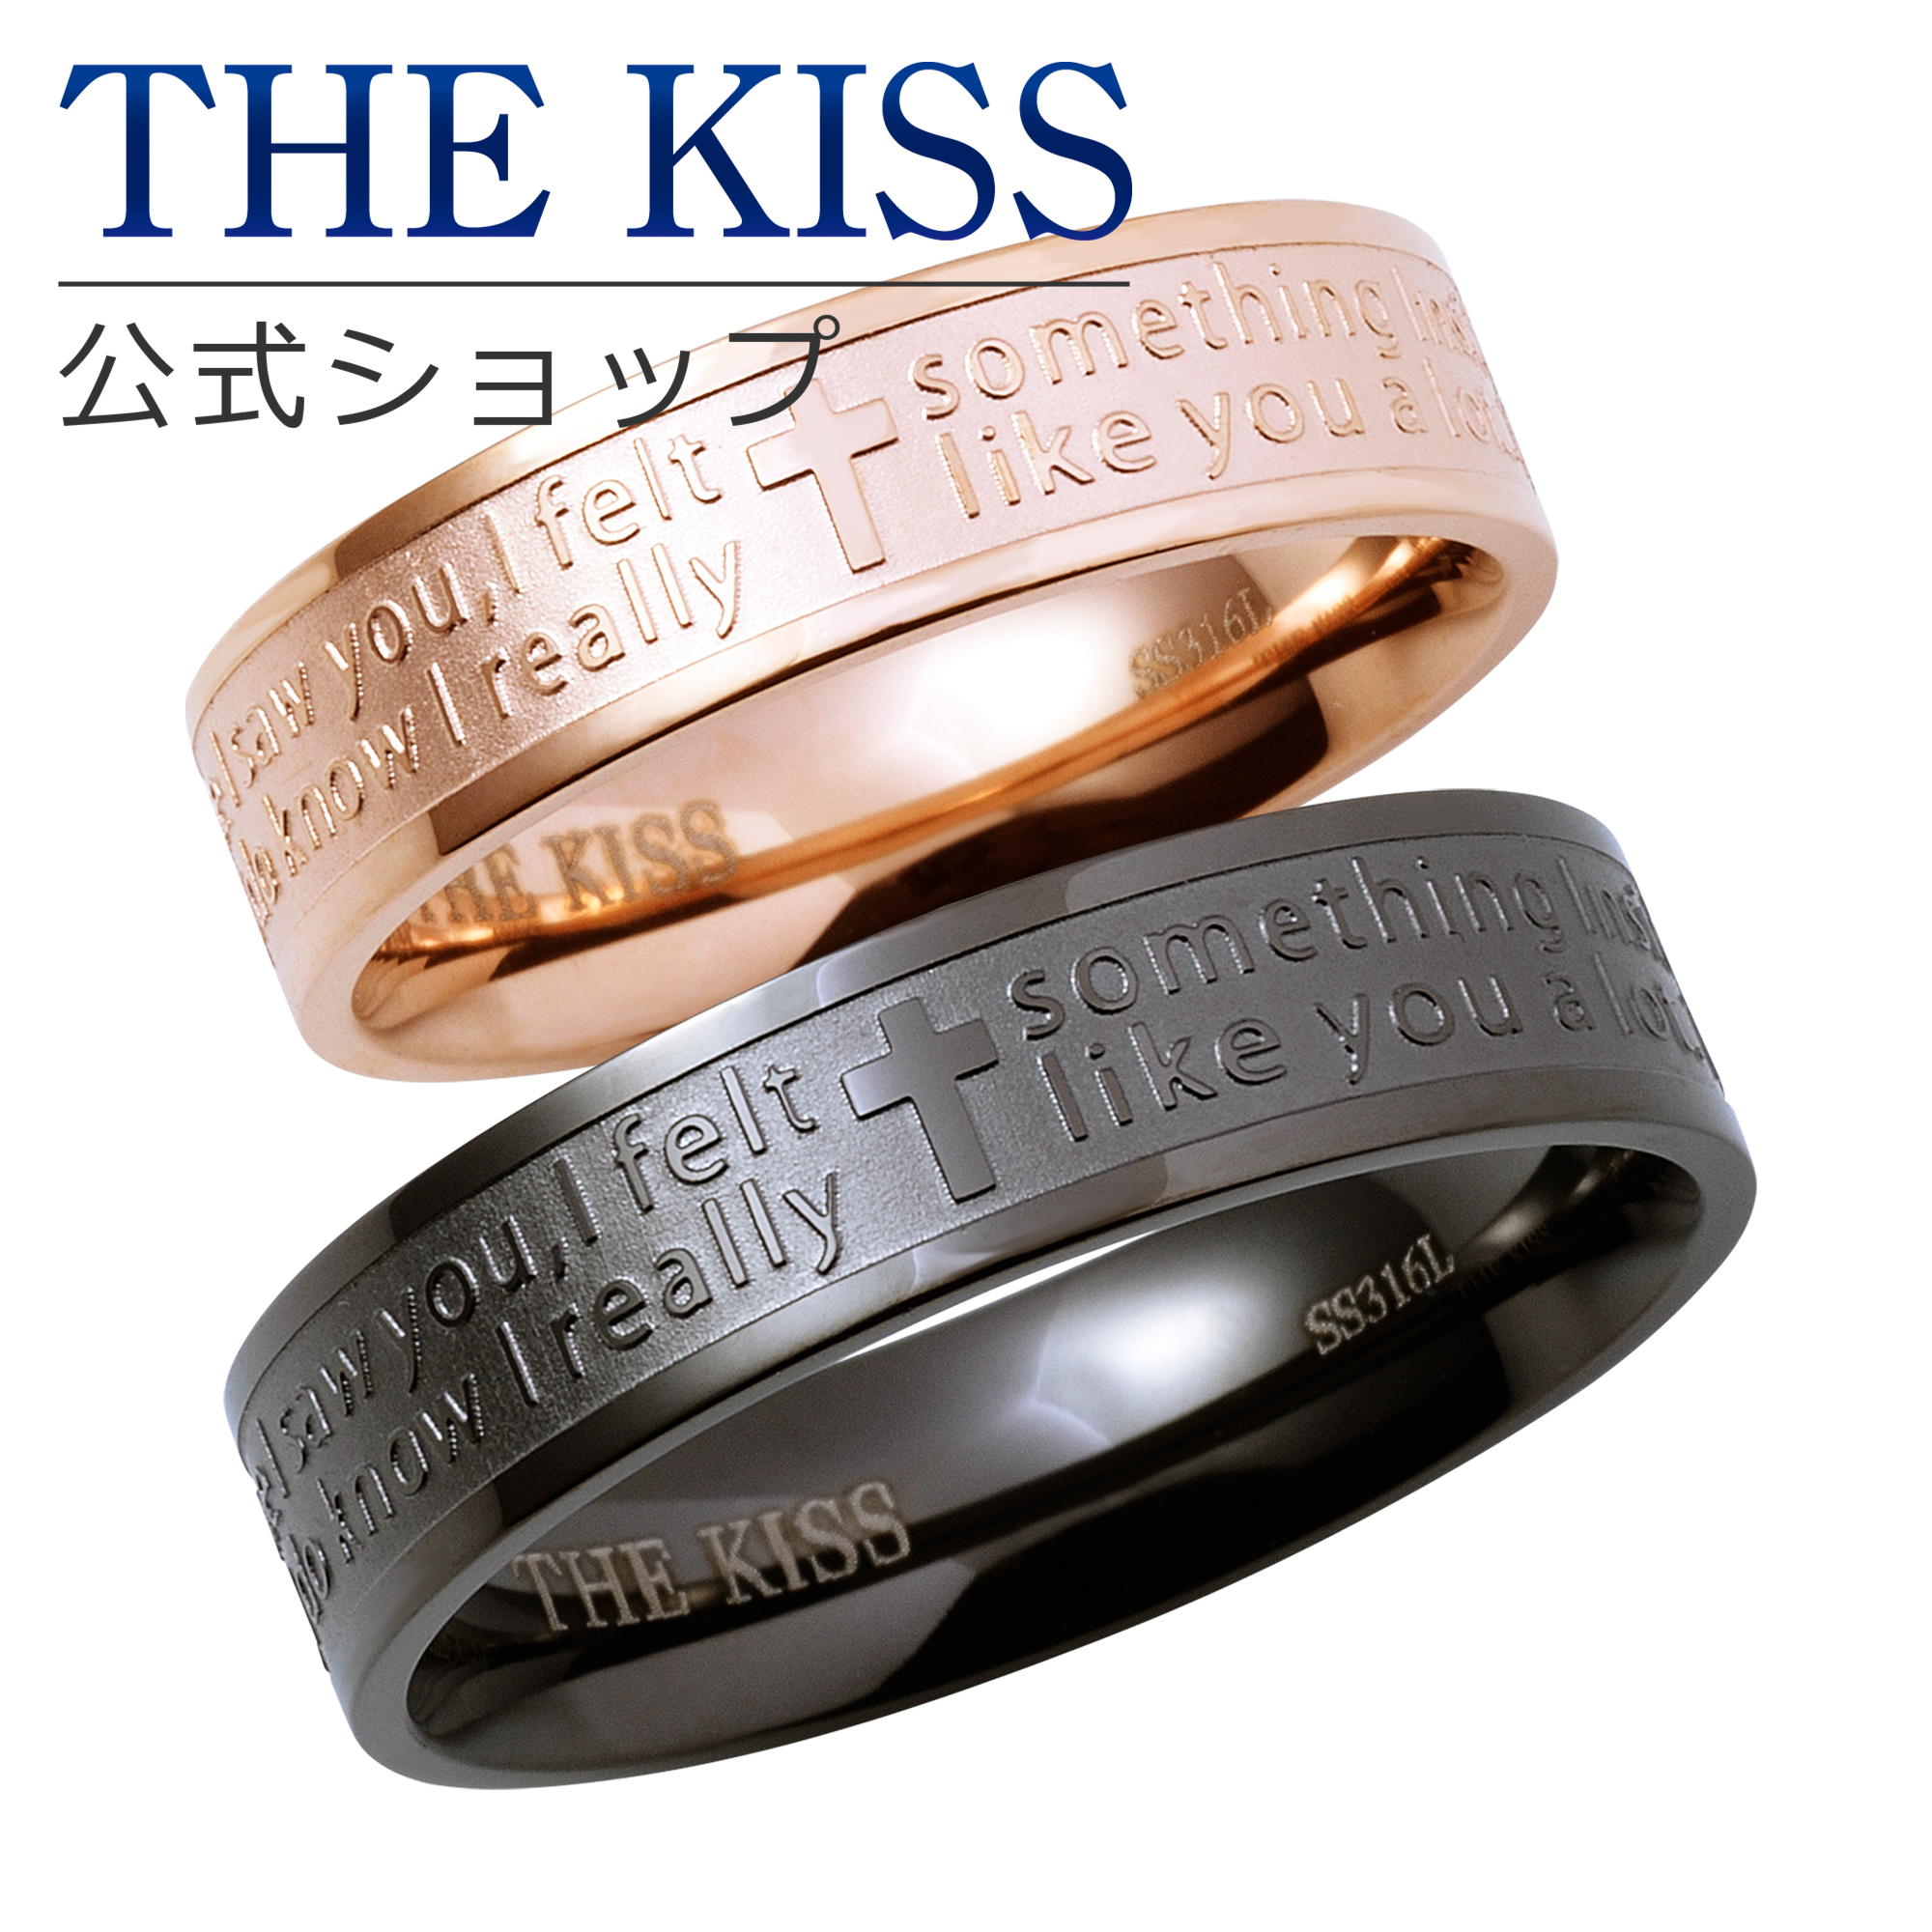 【あす楽対応】THE KISS 公式サイト シルバー ペアリング ペアアクセサリー カップル に 人気 の ジュエリーブランド THEKISS ペア リング・指輪 記念日 プレゼント TR1030PI-1030BK セット シンプル 男性 女性 2個ペア ザキス 【送料無料】